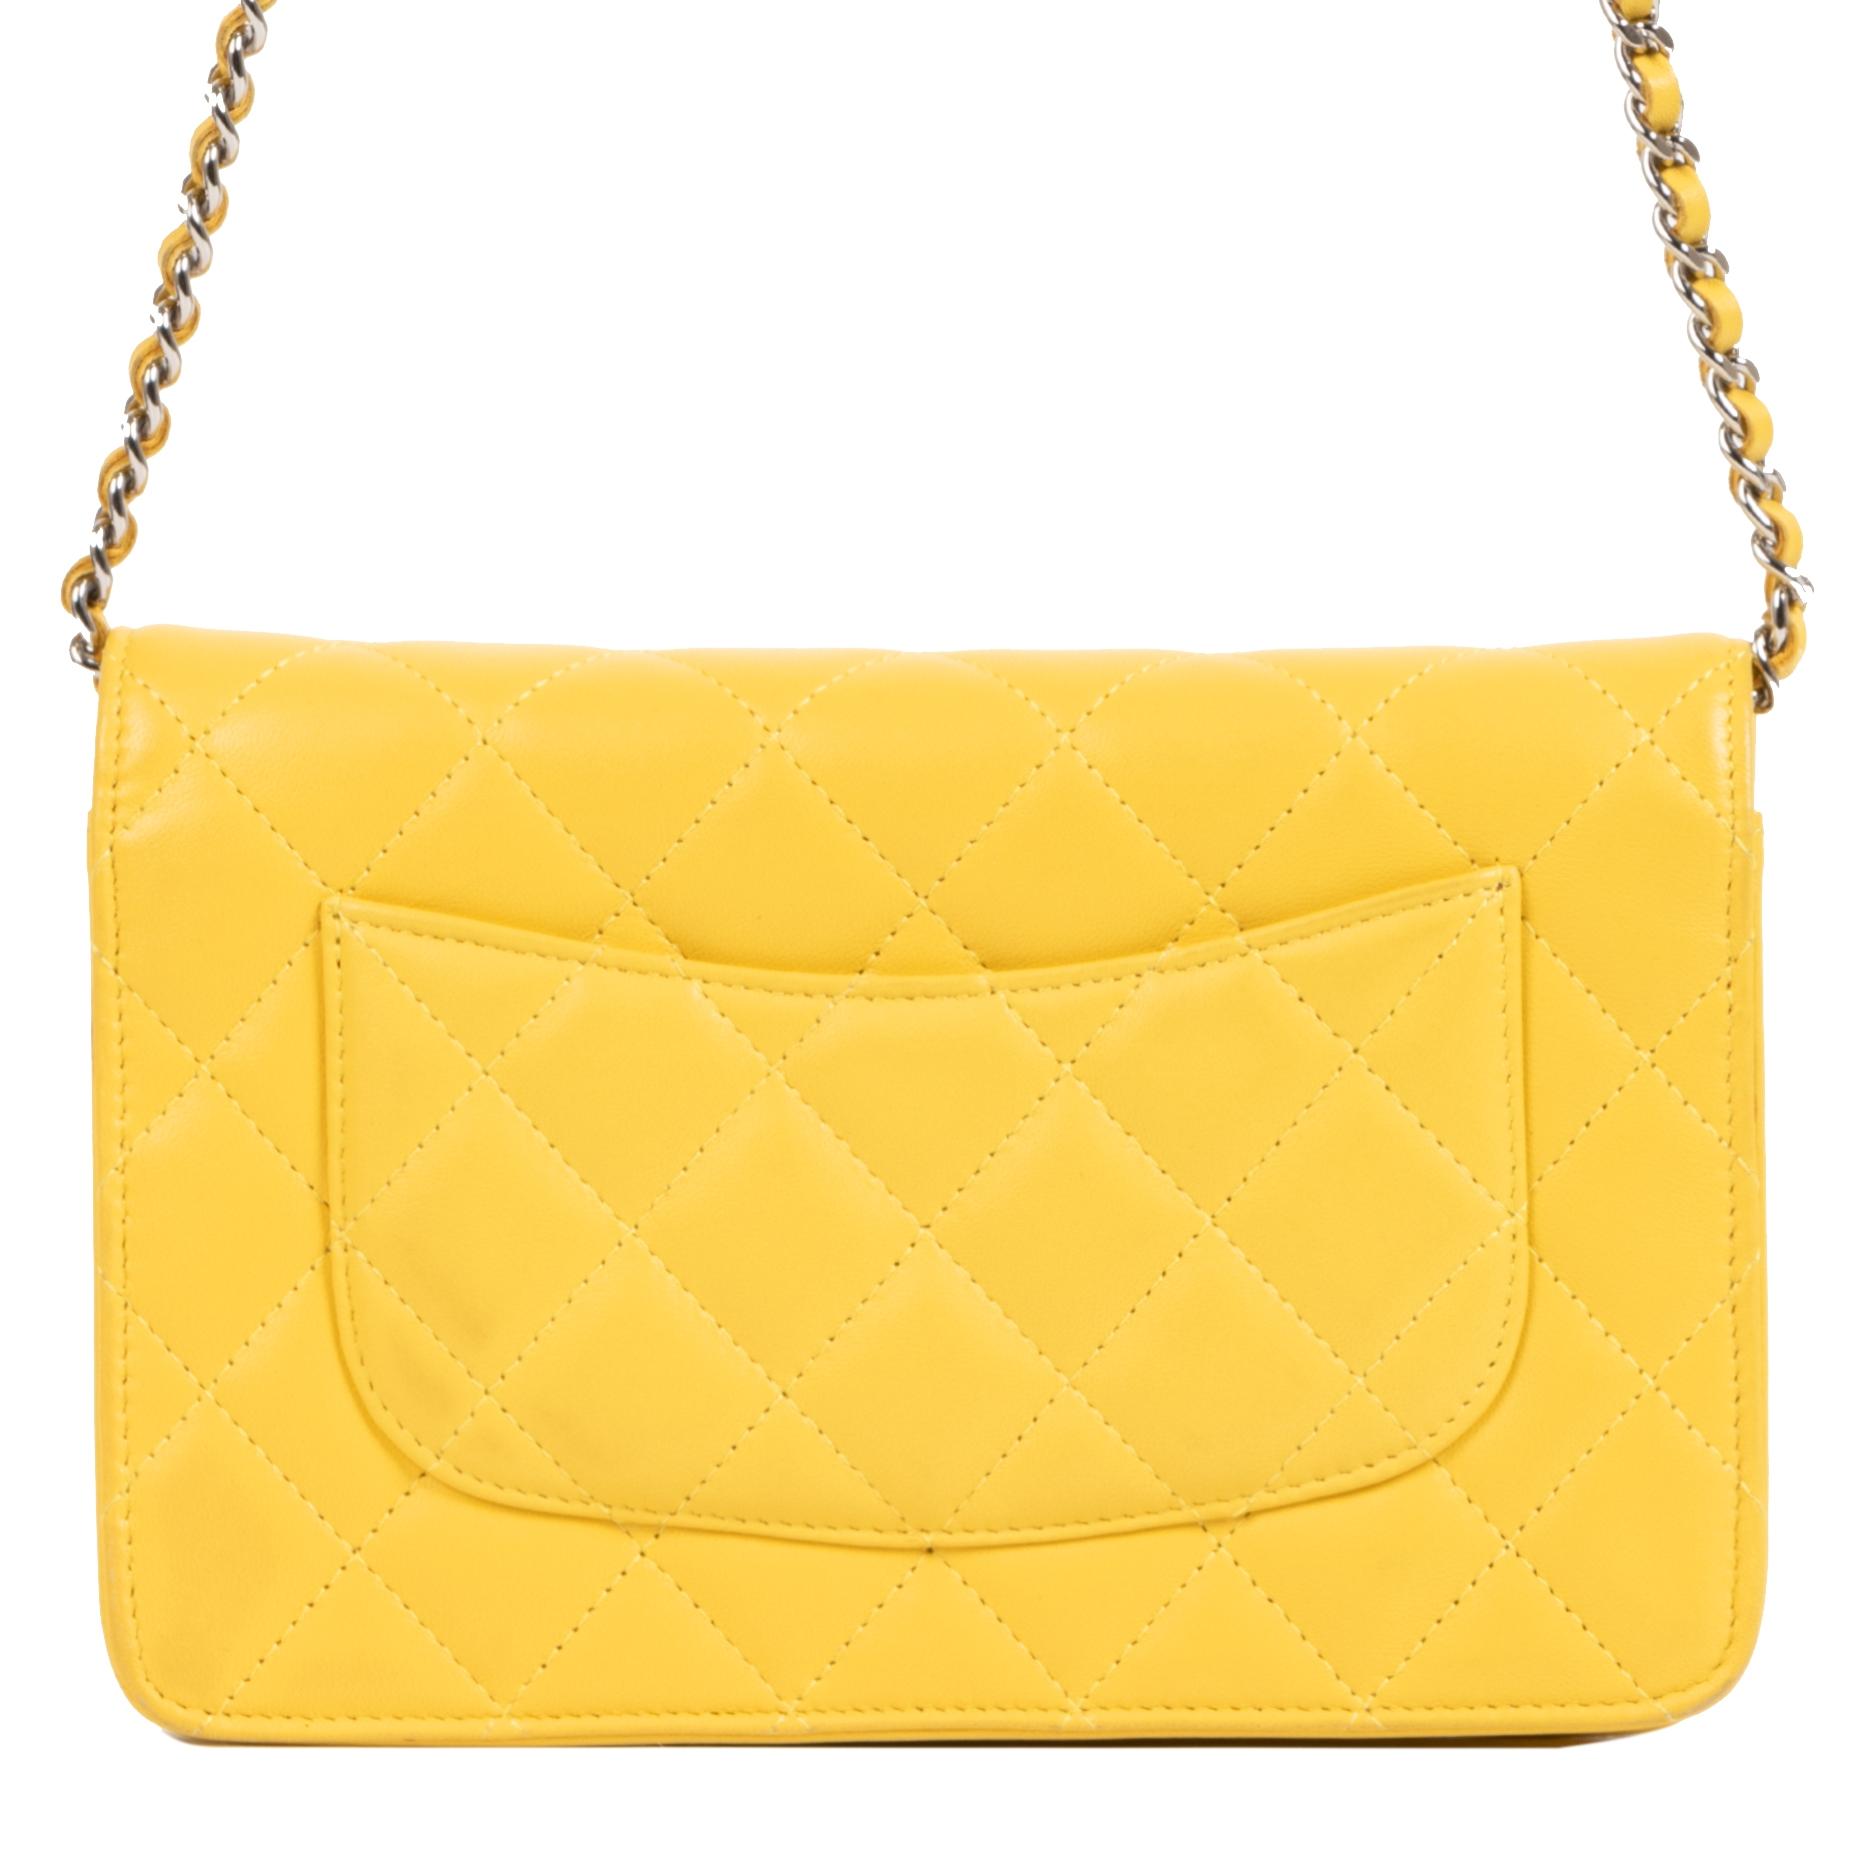 Authentieke Tweedehands Chanel Yellow Wallet On Chain juiste prijs veilig online shoppen luxe merken webshop winkelen Antwerpen België mode fashion